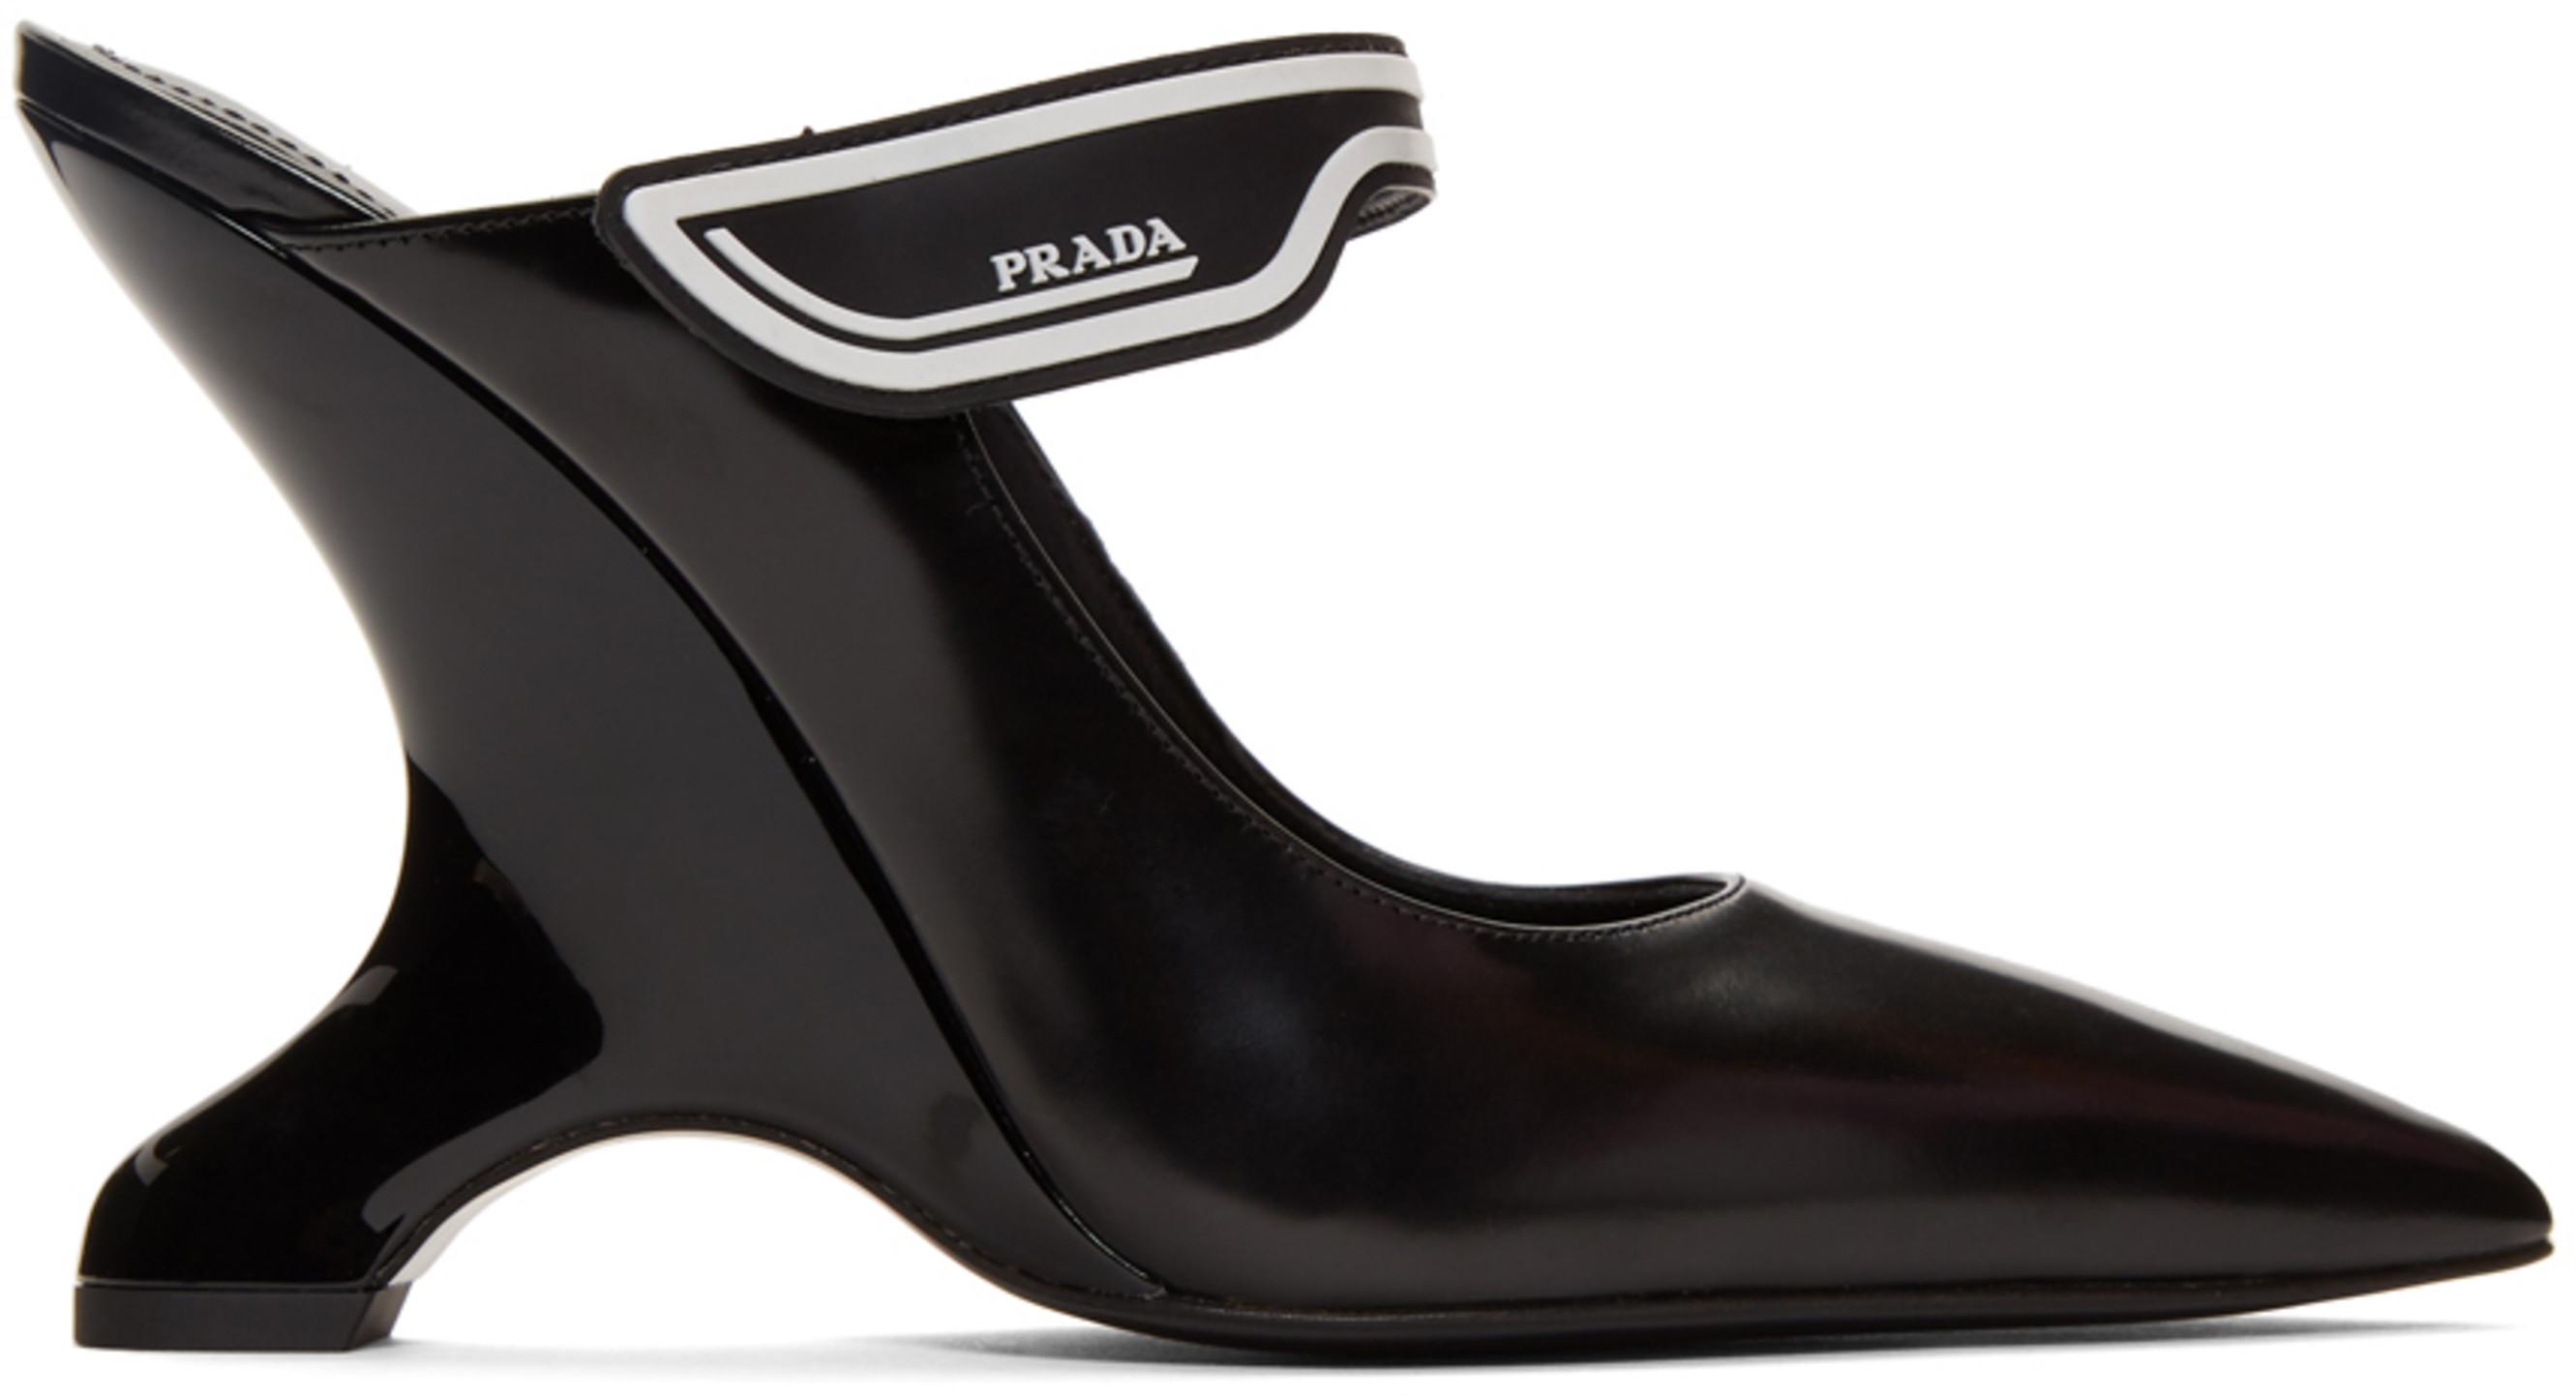 e7a4409ee59da Prada shoes for Women